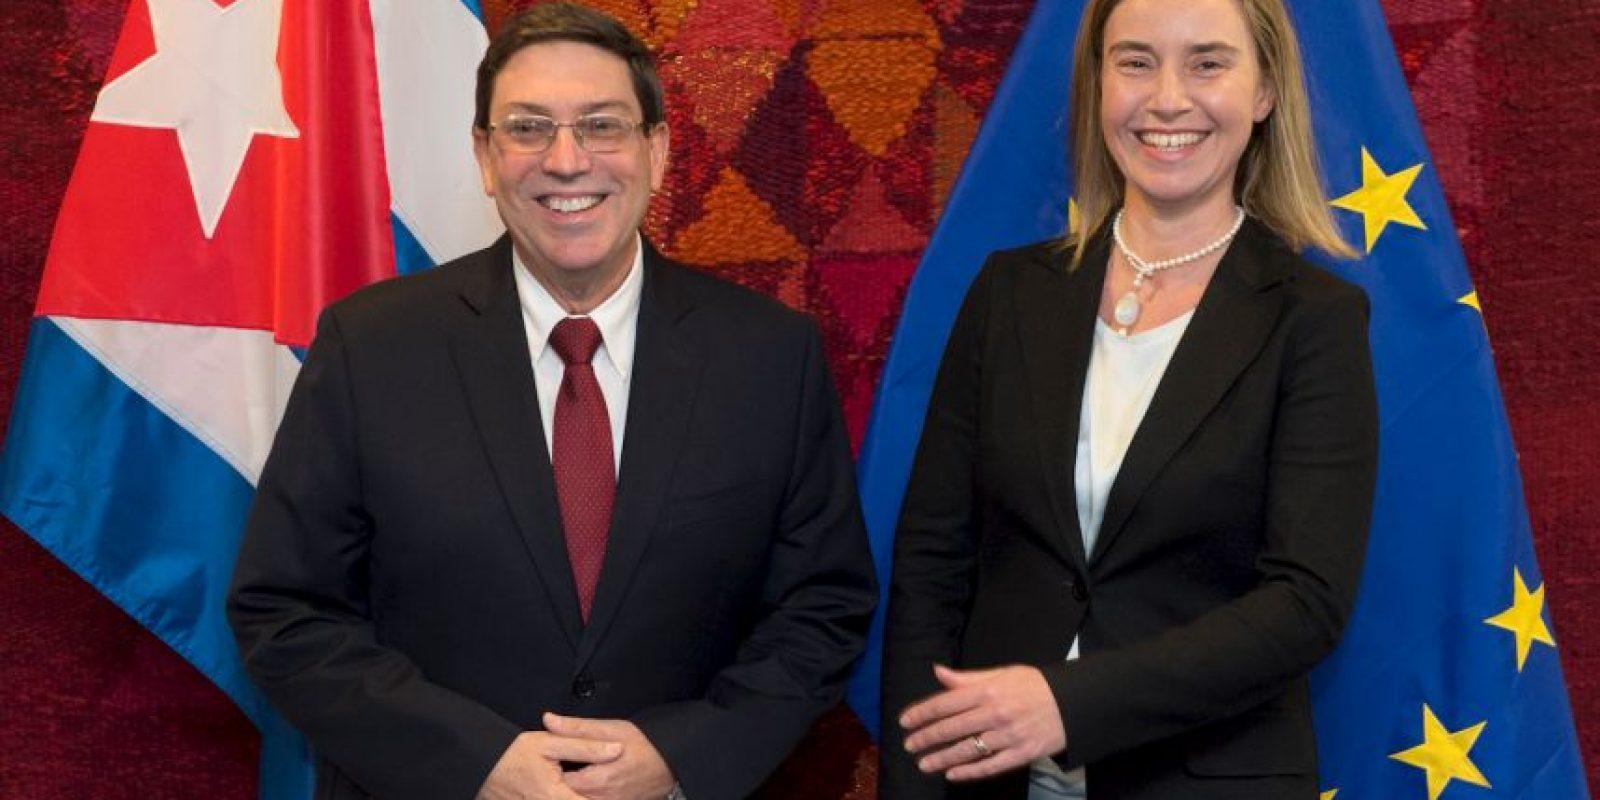 La representante de Política Exterior de la UE, Federica Mogherini y el canciller de Cuba, Bruno Rodríguez, en Bruselas Foto:AFP